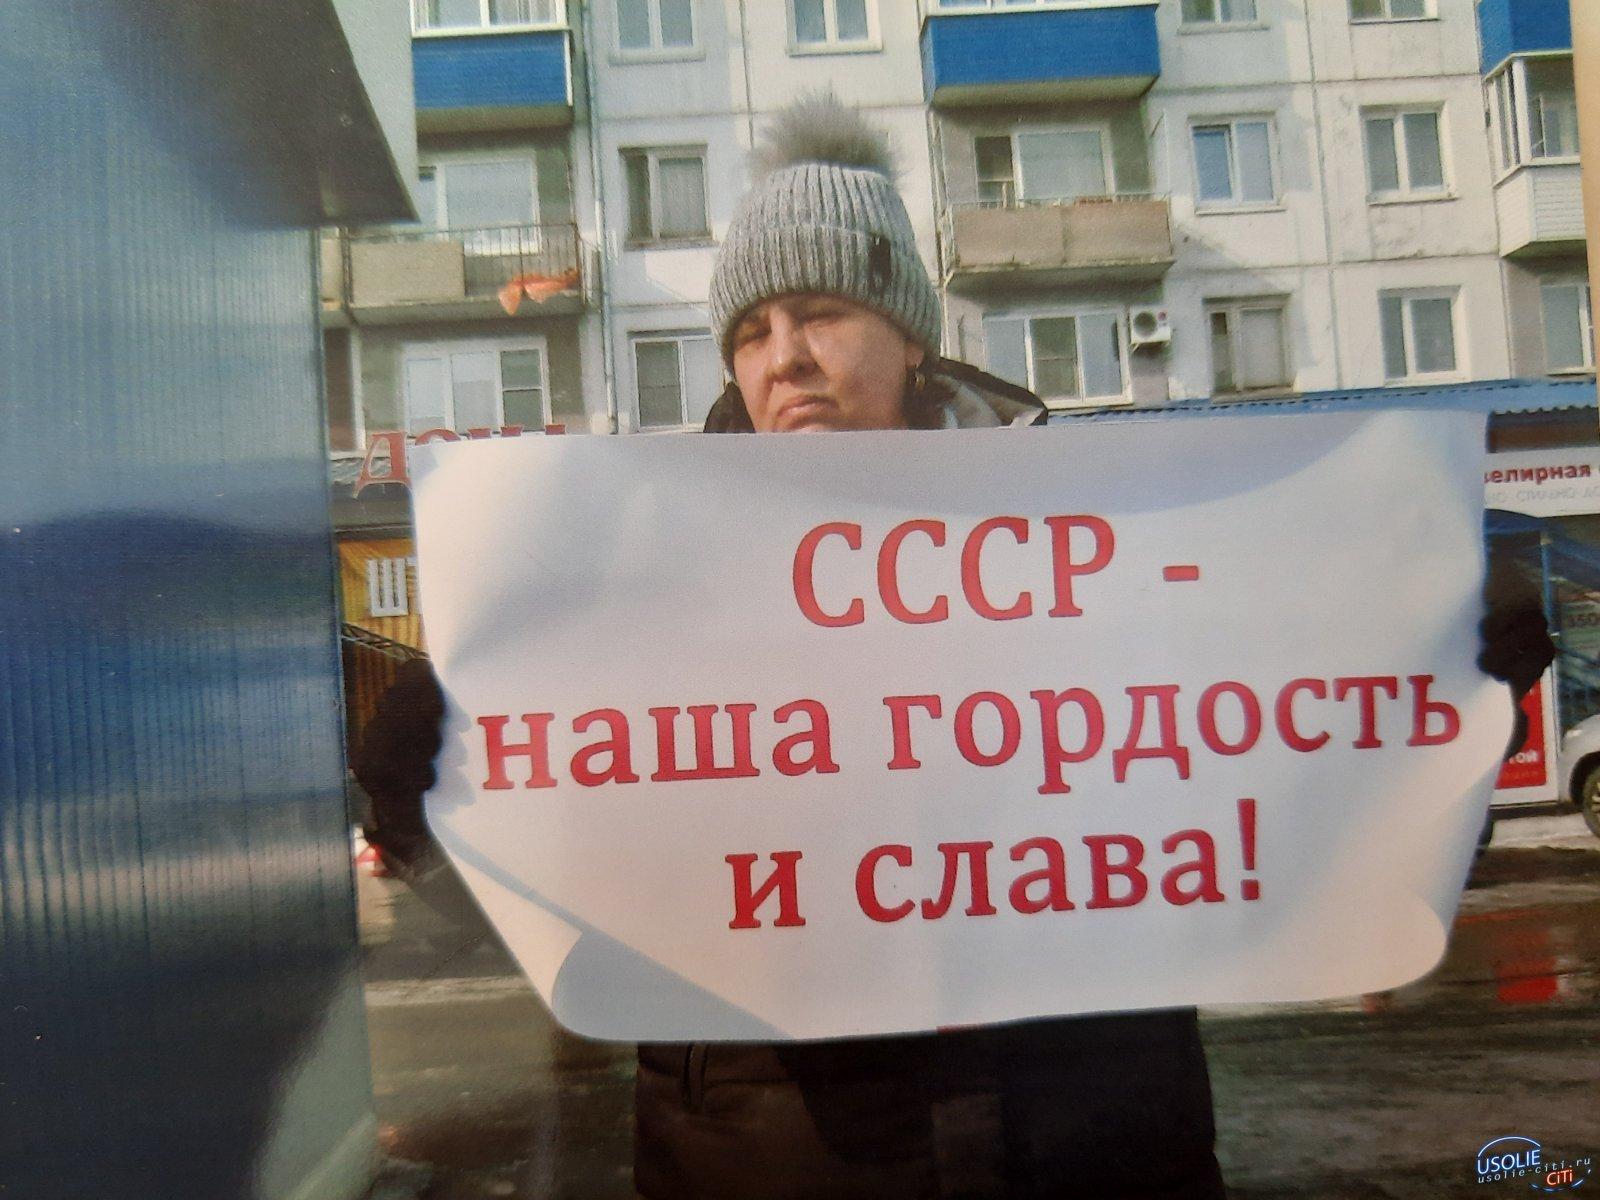 Что за люди с плакатами на улицах Усолья